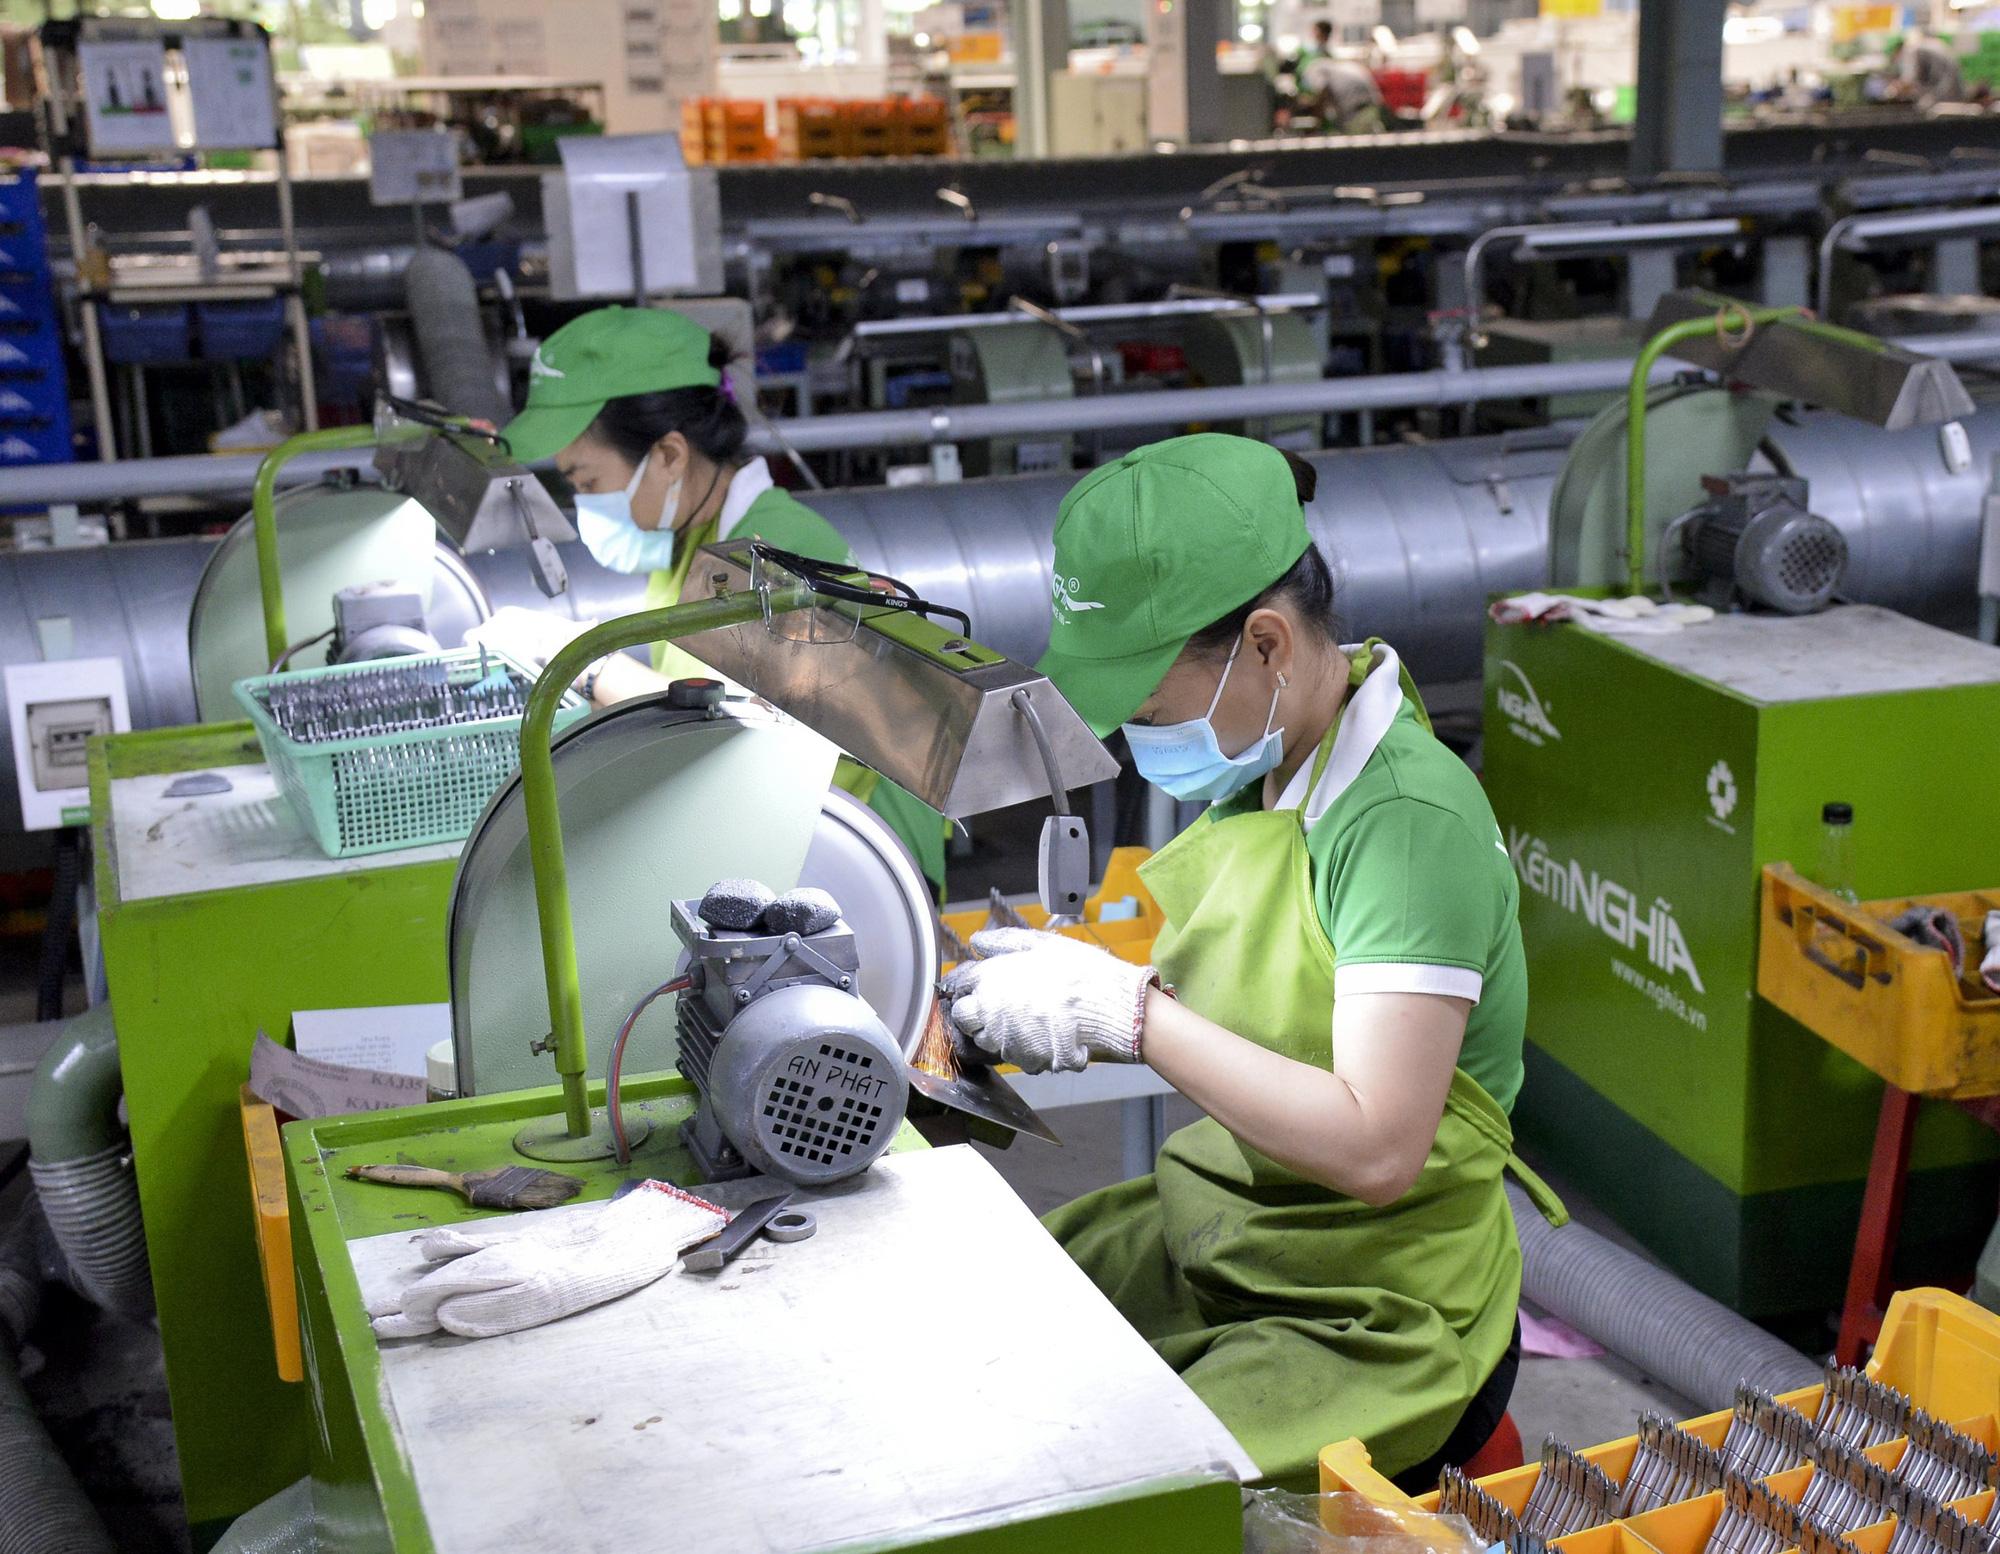 Tin Kinh tế: DOANH NGHIỆP CHỜ NGƯỜI LAO ĐỘNG (*): Vì việc làm, phúc lợi bền vững